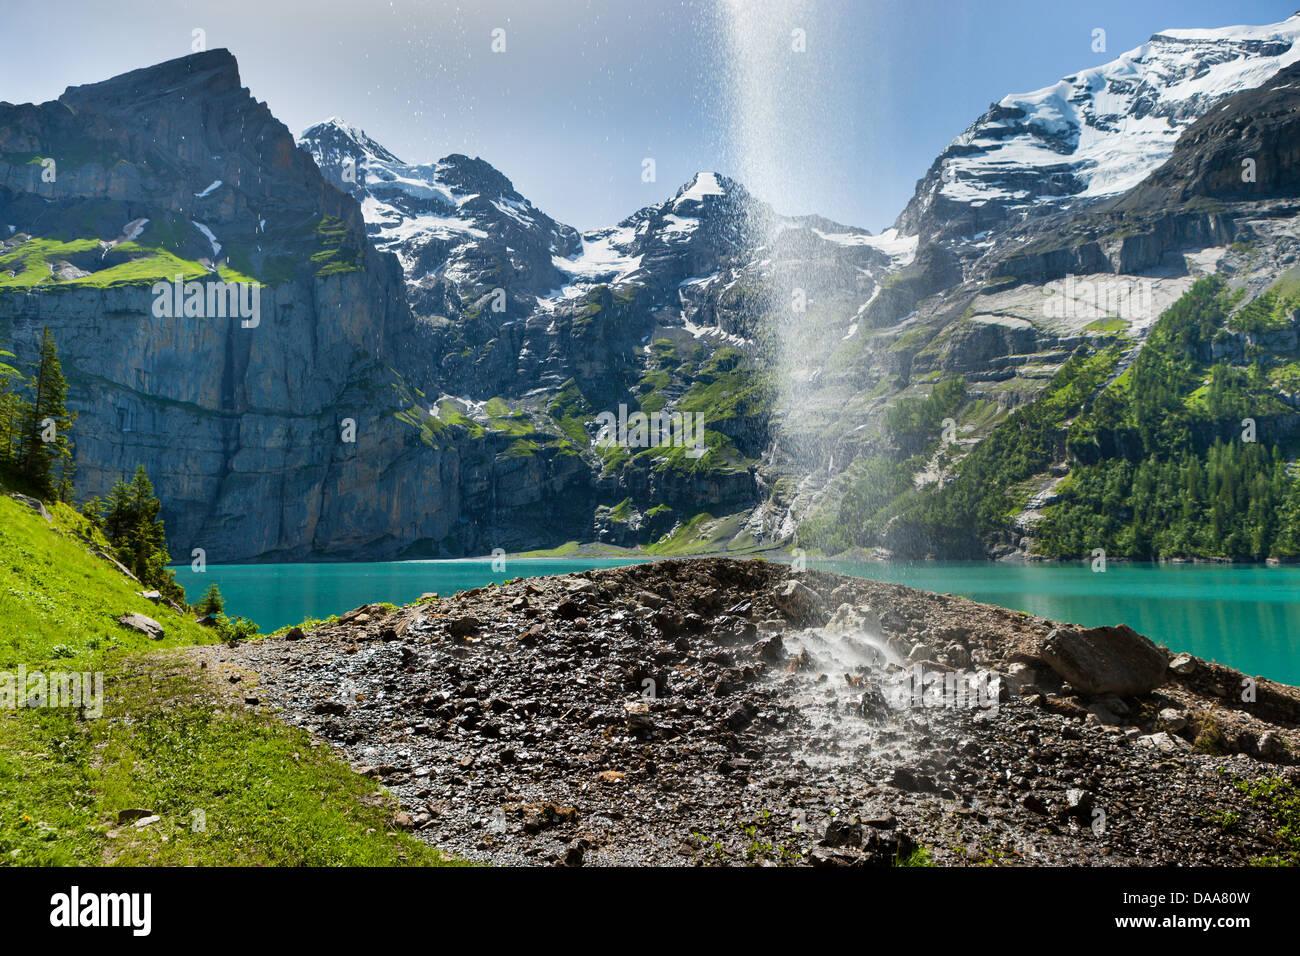 Lago, Lago Oeschinen, Suiza, Europa, cantón de Berna, en el Oberland Bernés Kandertal Kander, valle, montañas, Imagen De Stock